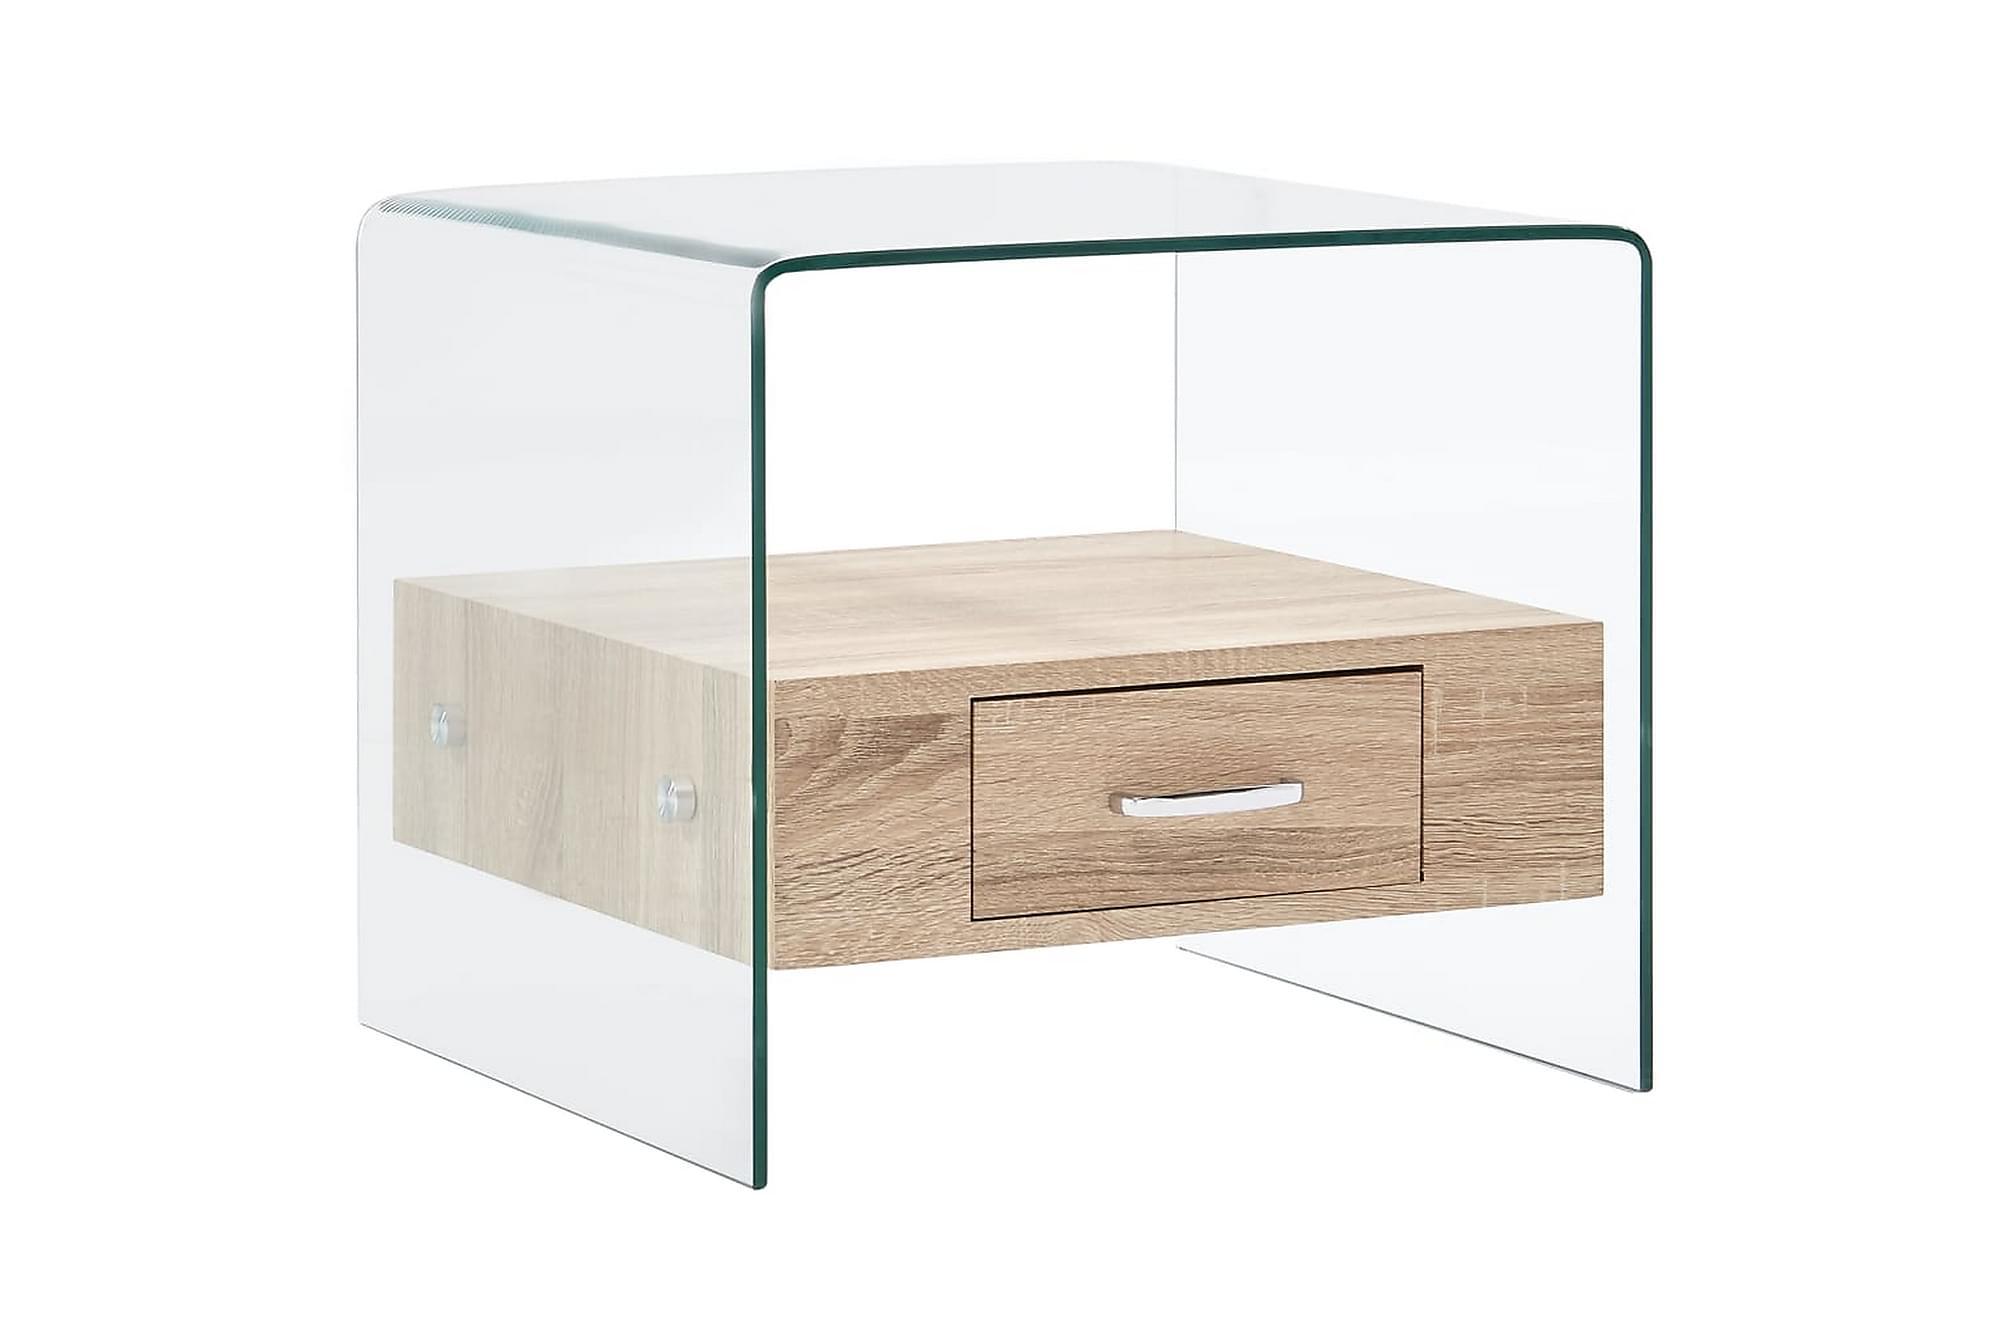 Soffbord med låda 50x50x45 cm härdat glas